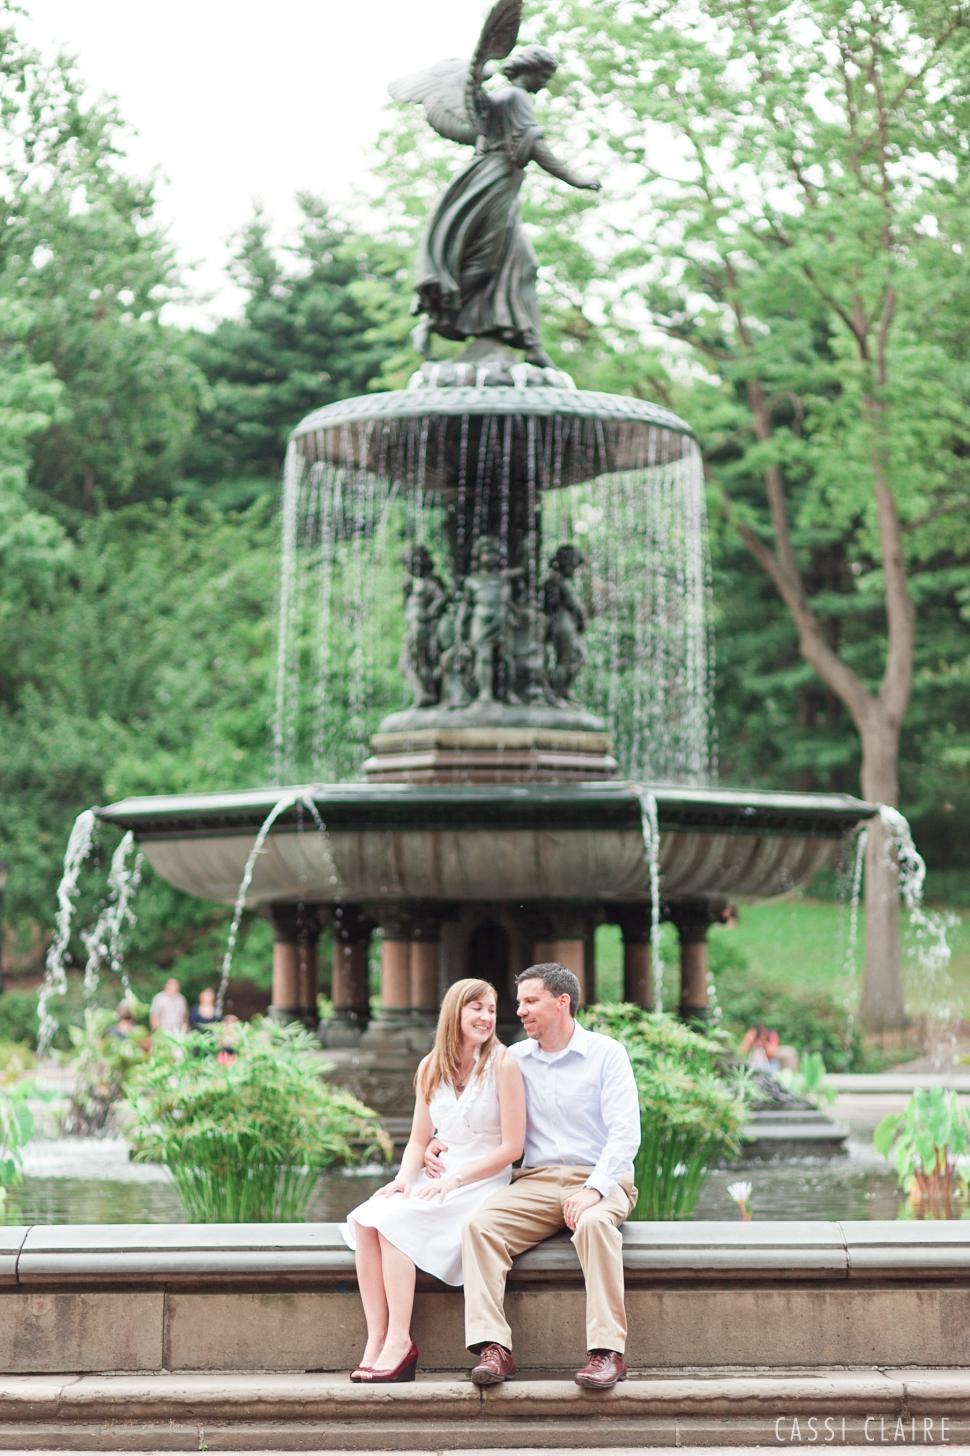 Central-Park-Engagement-Photos_CassiClaire_03.jpg